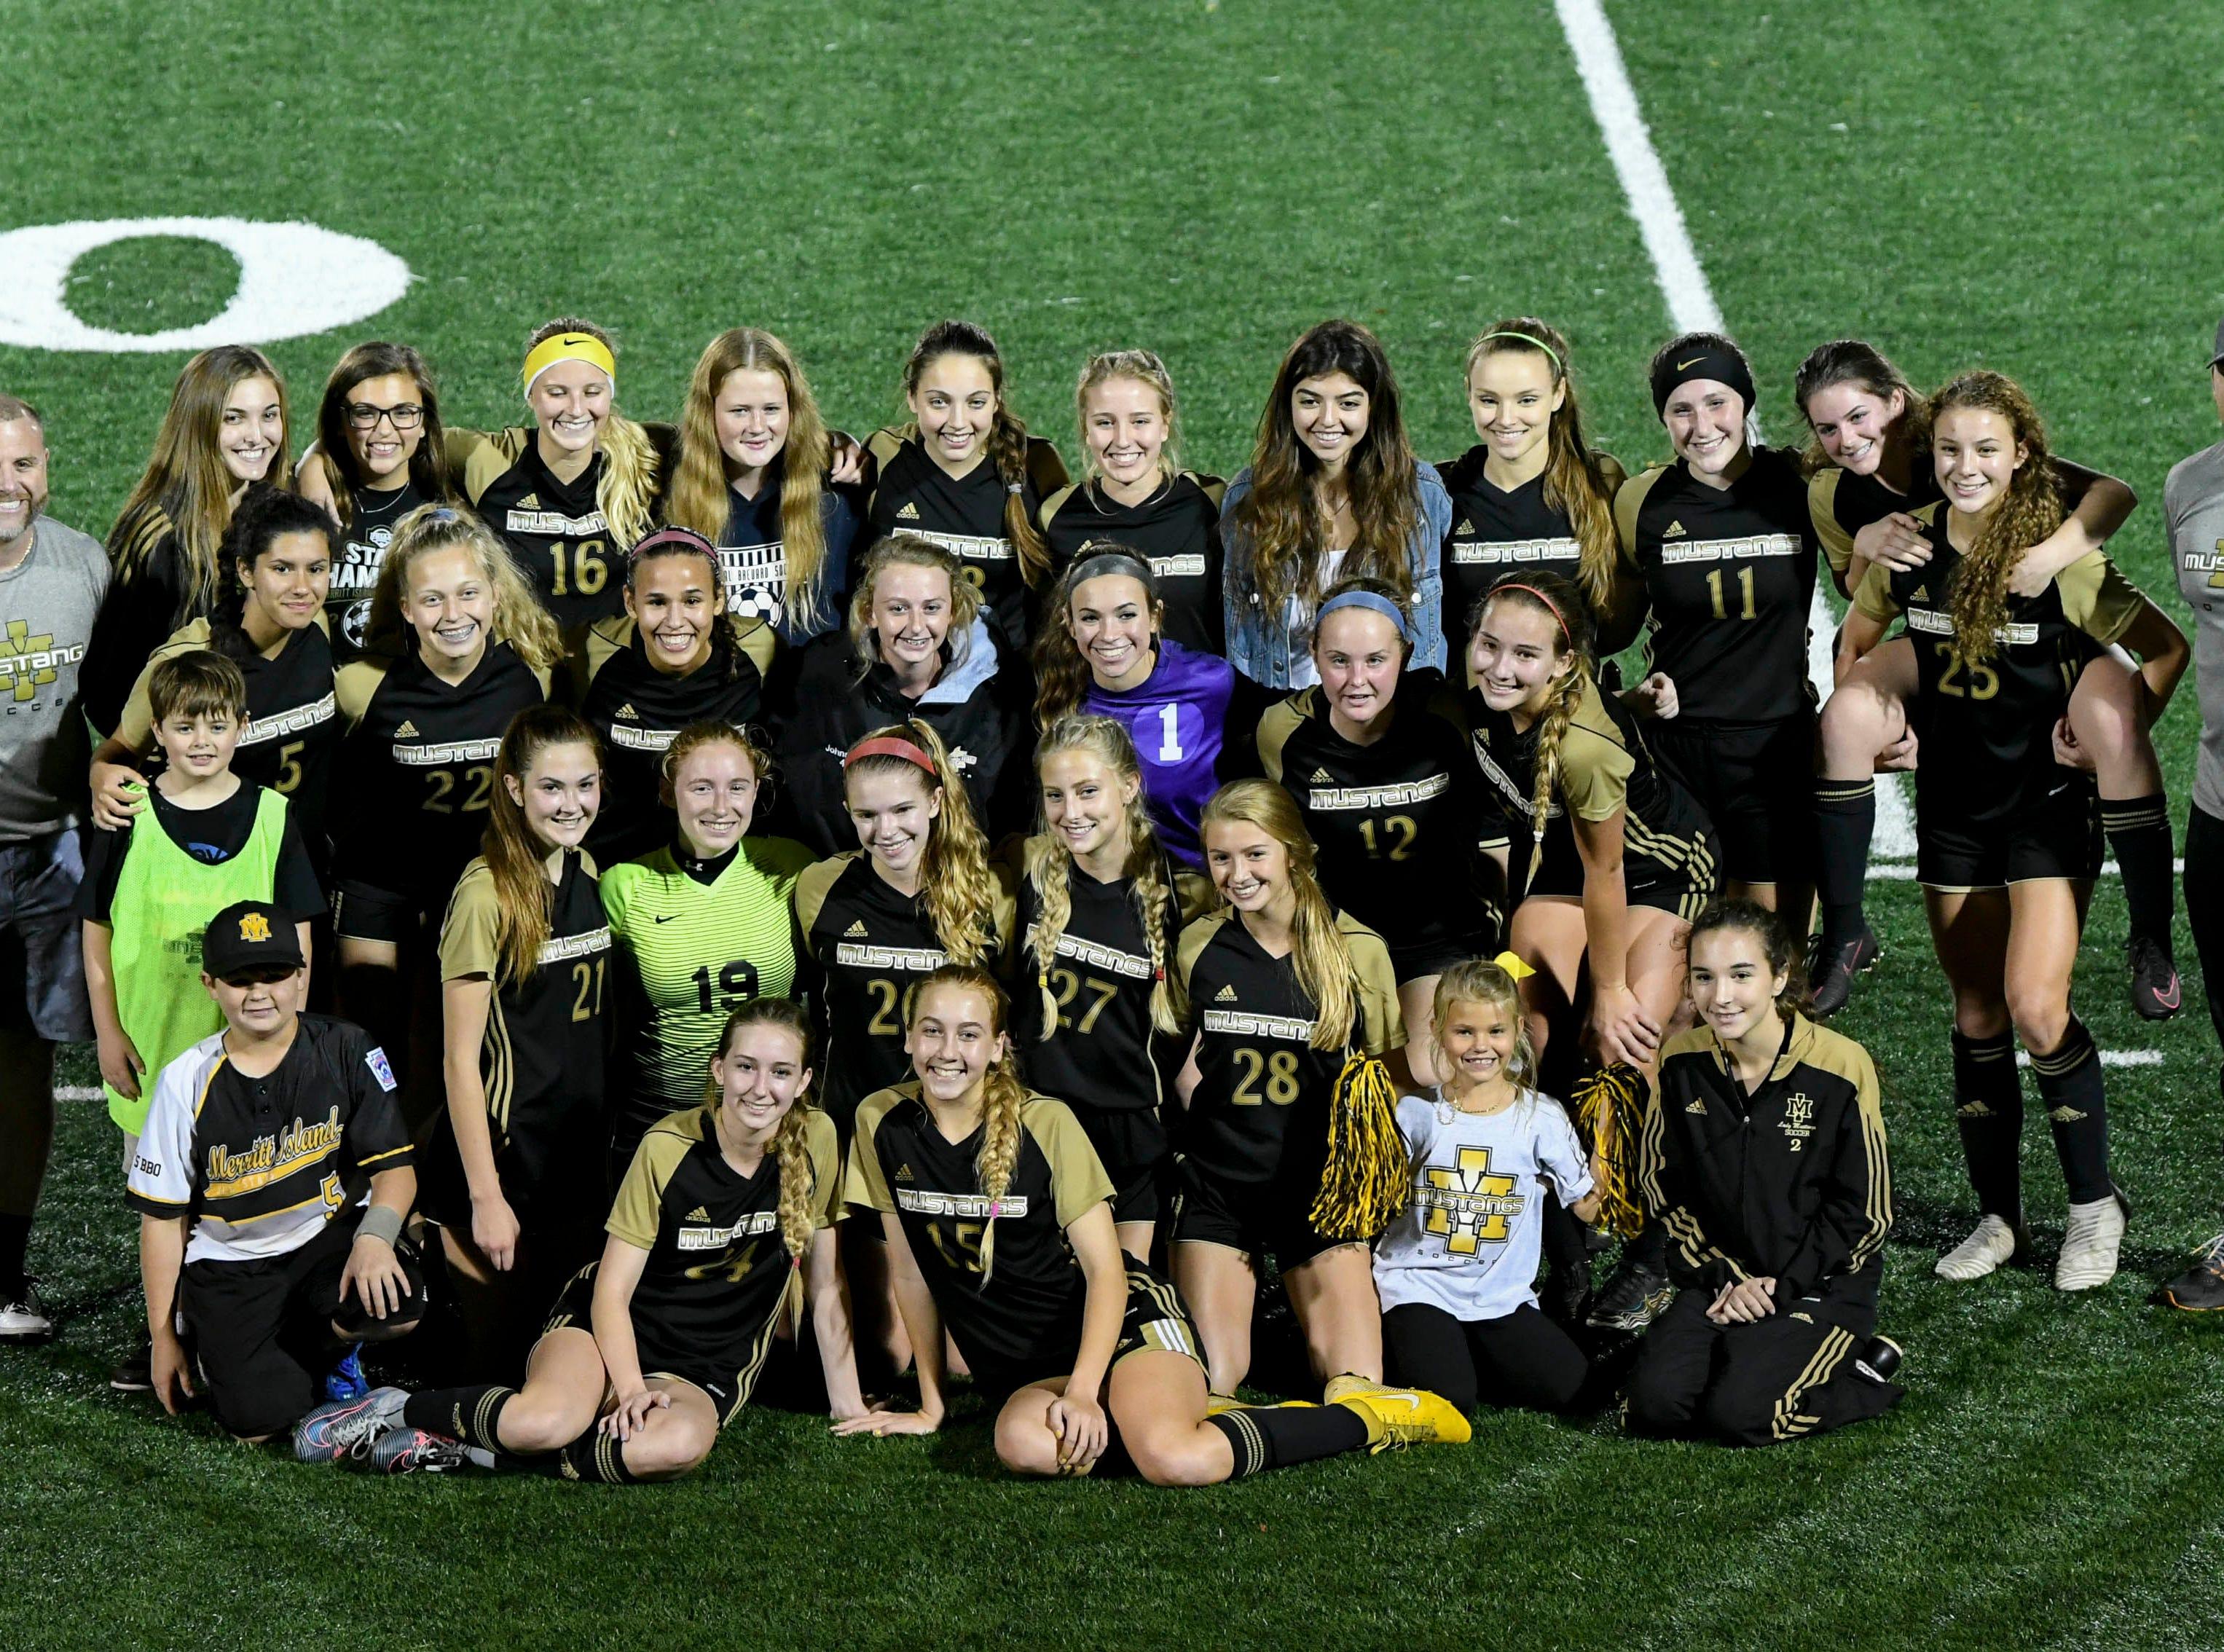 Merritt Island's girls soccer team defeats Satellite 3-0 to advance in Class 3A soccer Friday evening at Merritt Island High.